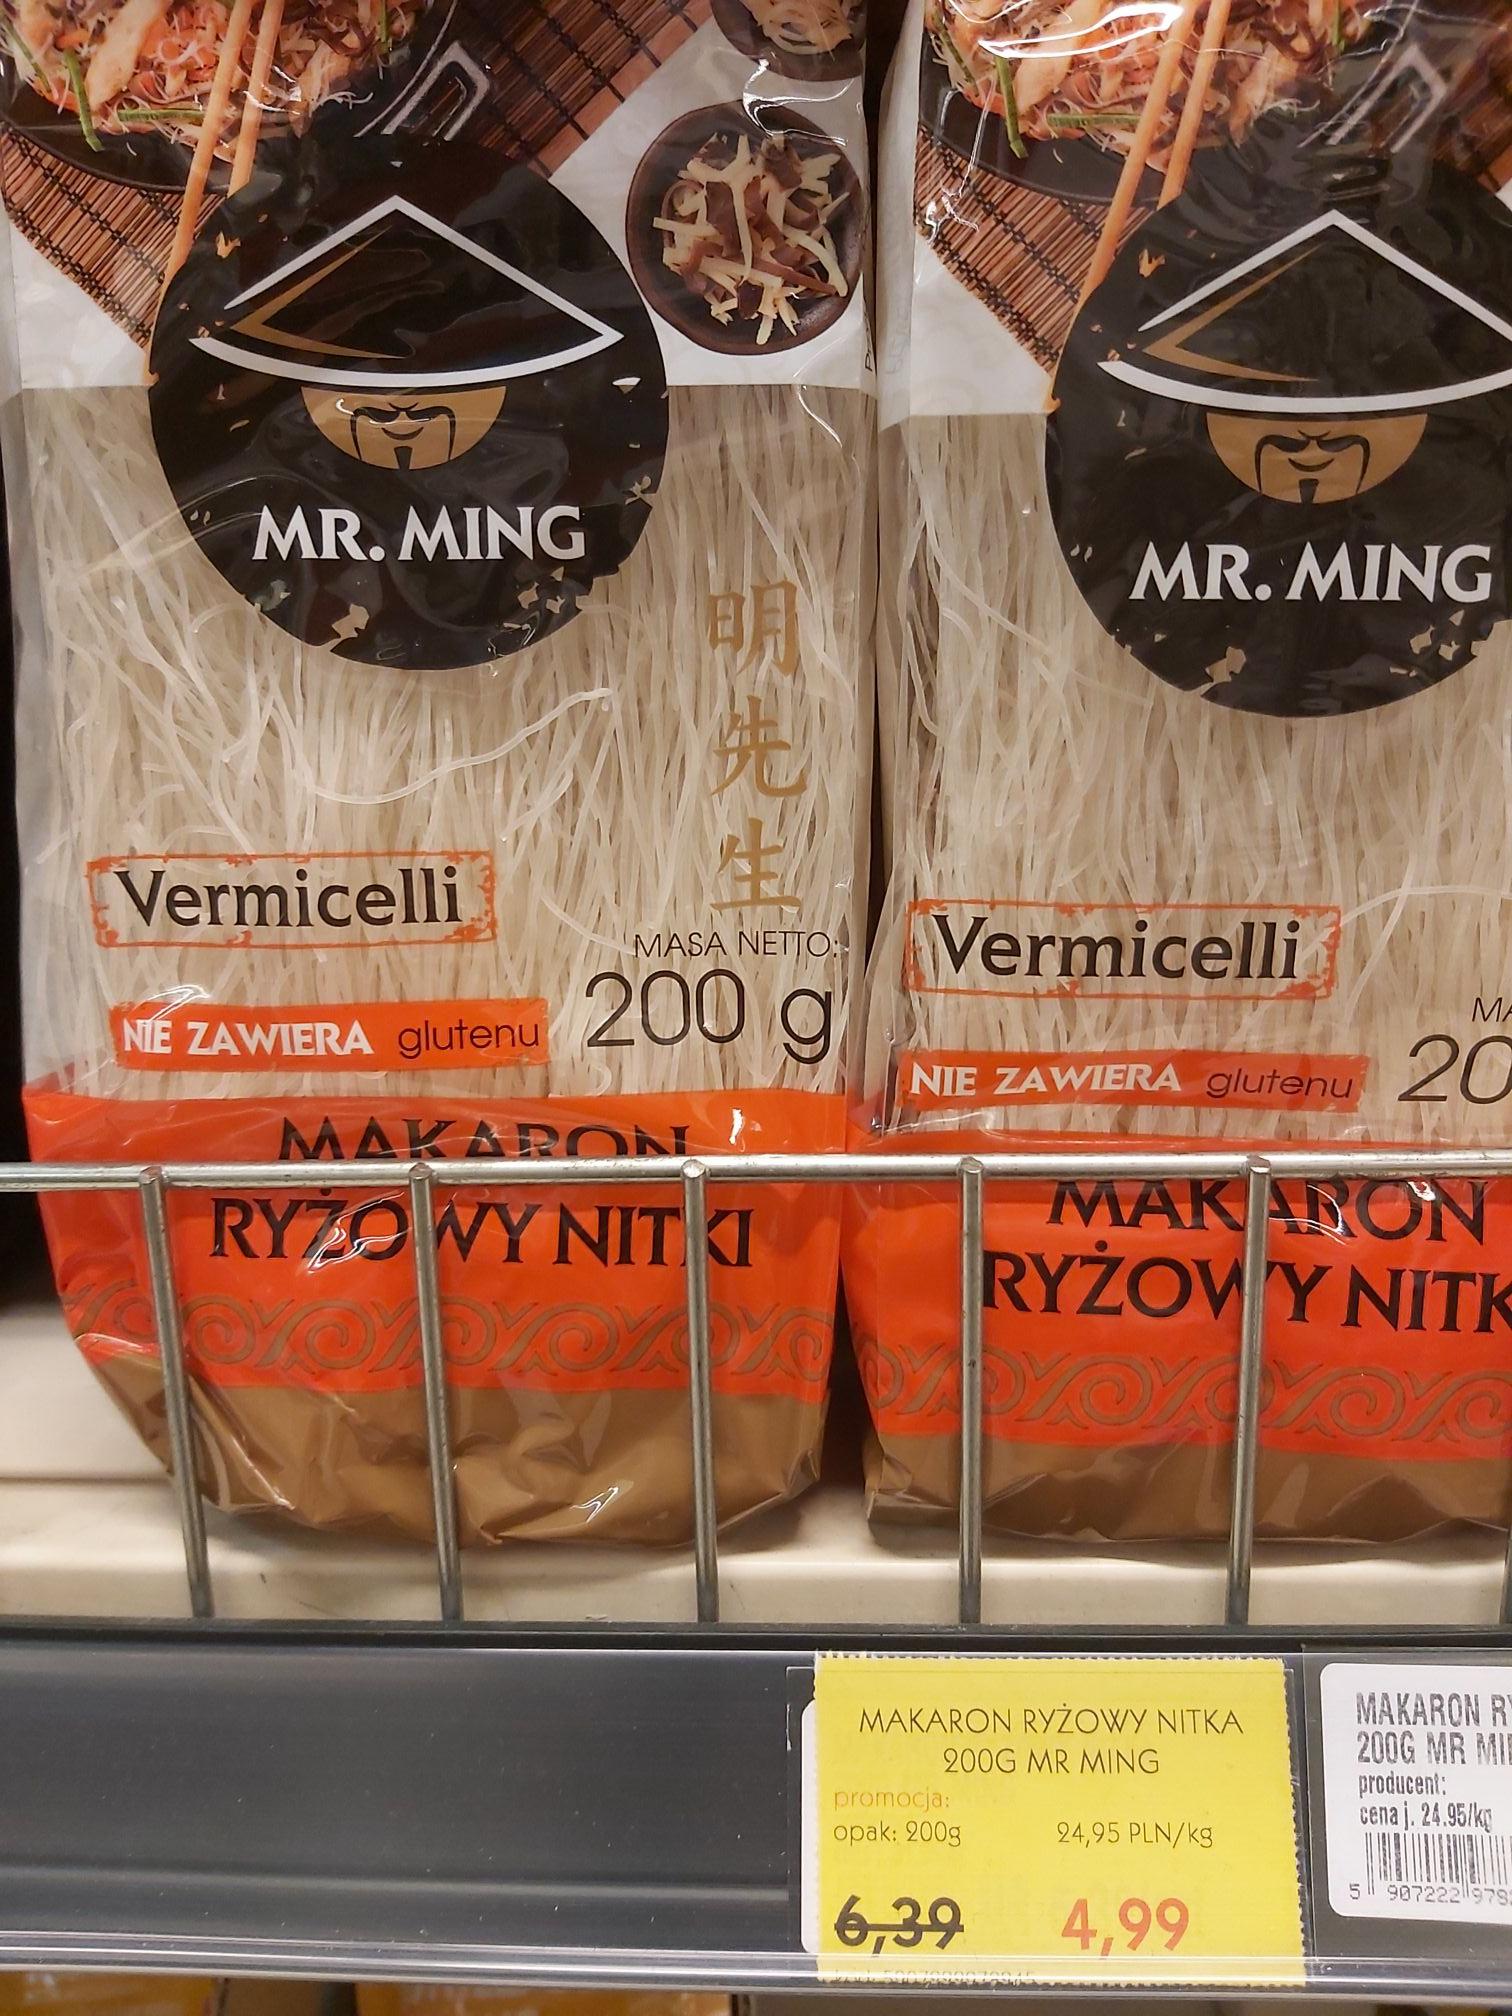 Mr Ming makaron ryżowy nitka 200gram Alma Krakow